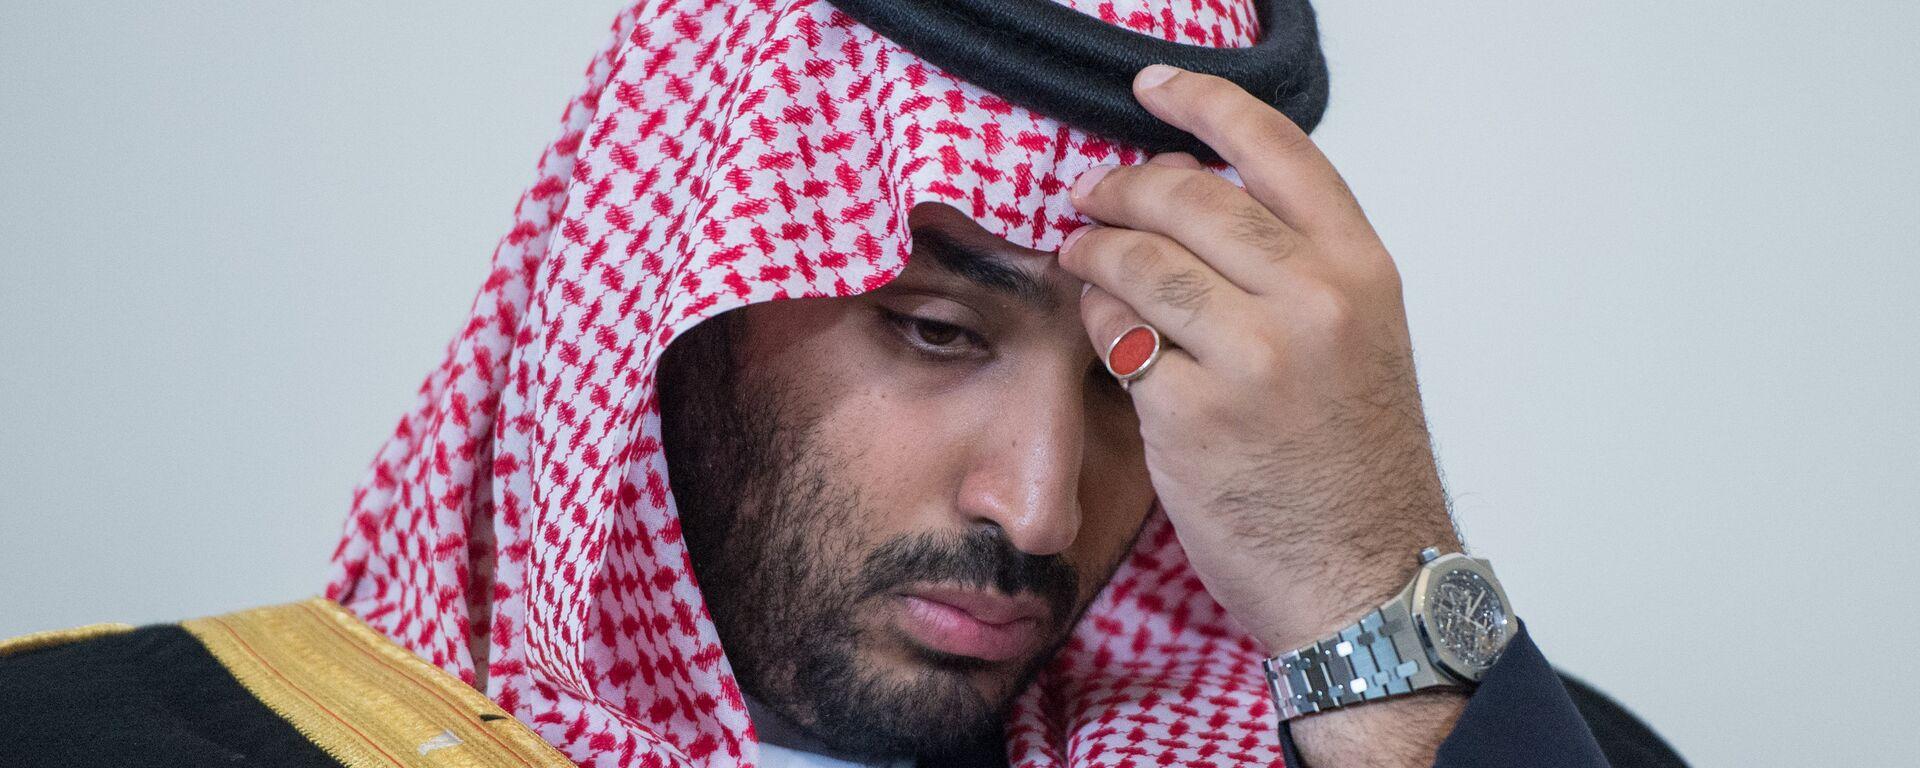 Le 18 juin 2015. Le successeur du prince héritier en Arabie Saoudite, le ministre de la défense Mohammed bin Salman, avant sa rencontre avec le président russe Vladimir Poutine à Saint-Pétersbourg. - Sputnik France, 1920, 09.02.2021